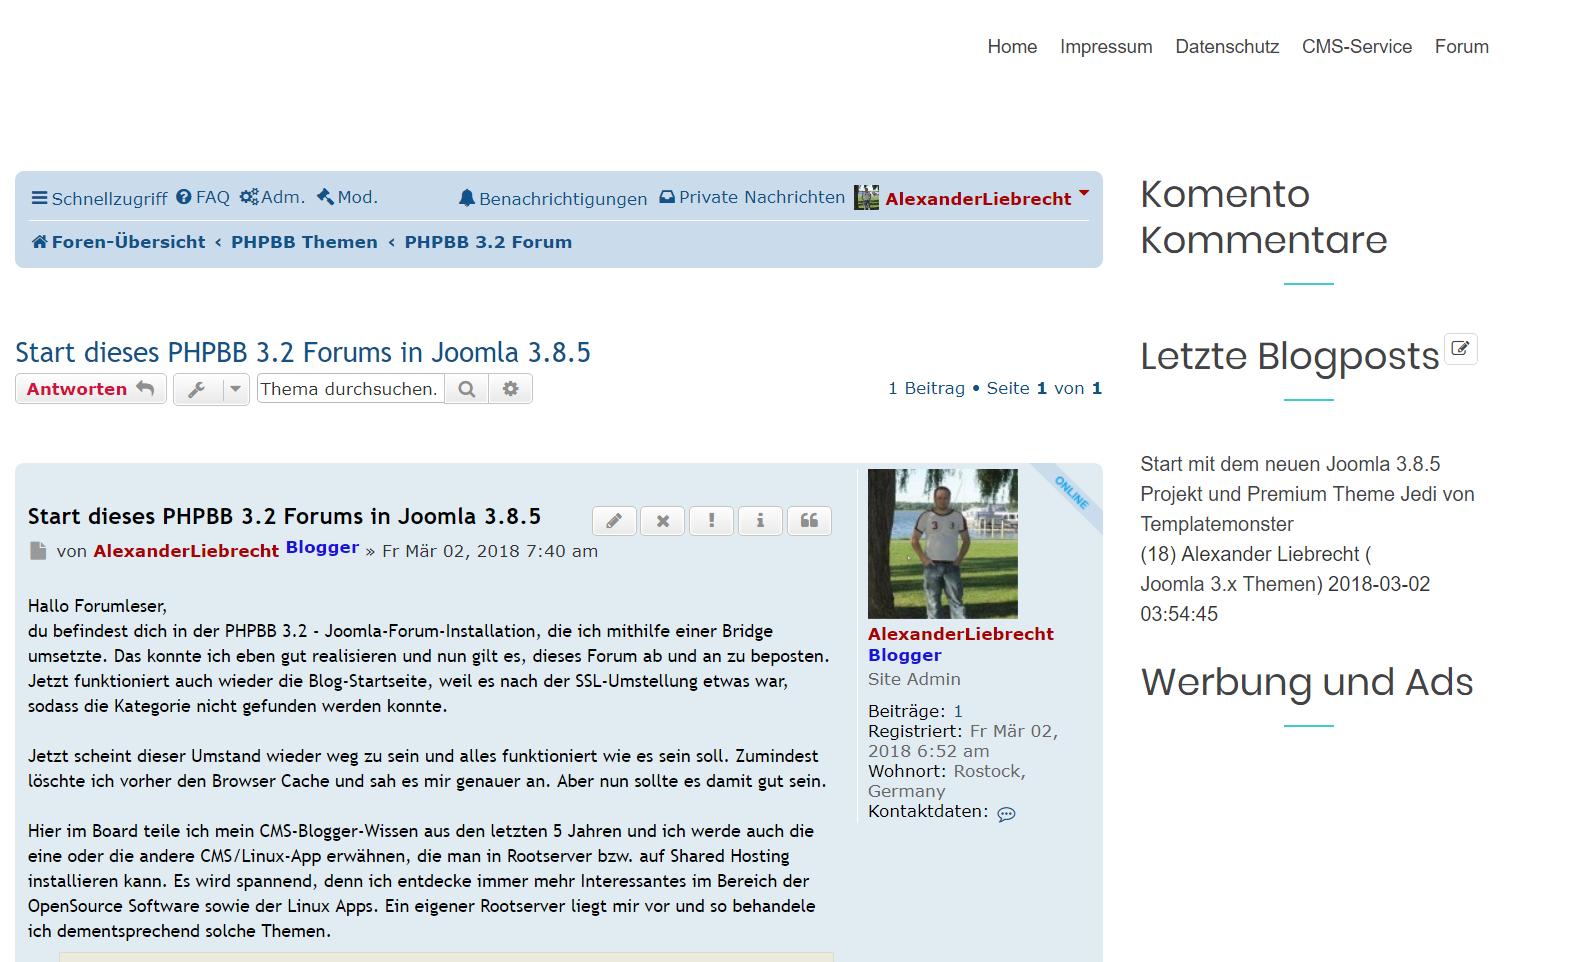 Projekte von Alexander Liebrecht - Blogs, Foren, Wikis, Portale